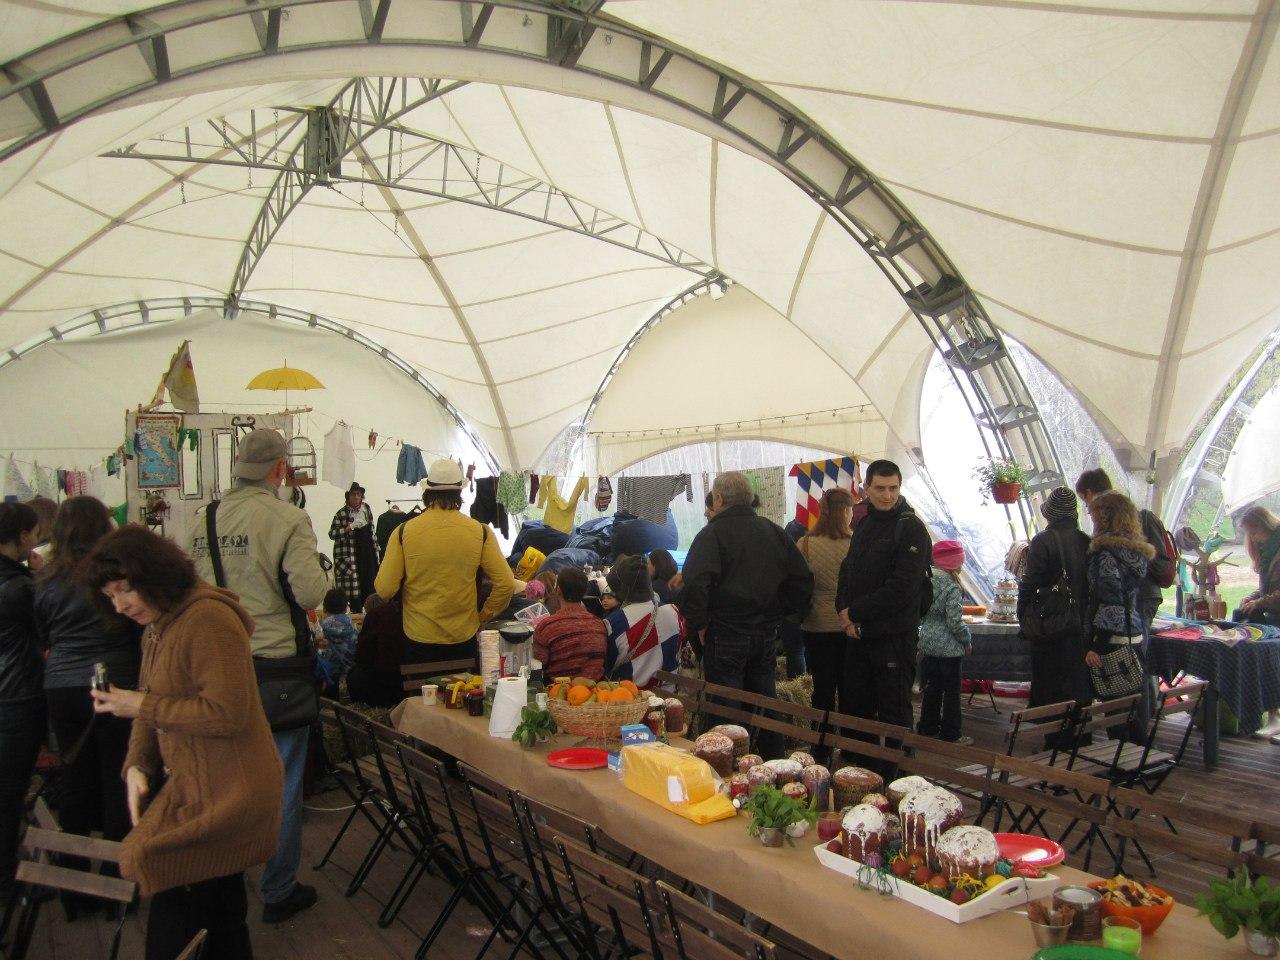 Пасхальный Cook&Talk с Andrew Grenfell в Парке Красная Пресня, 2013 год Медиапроект s-t-o-l.com